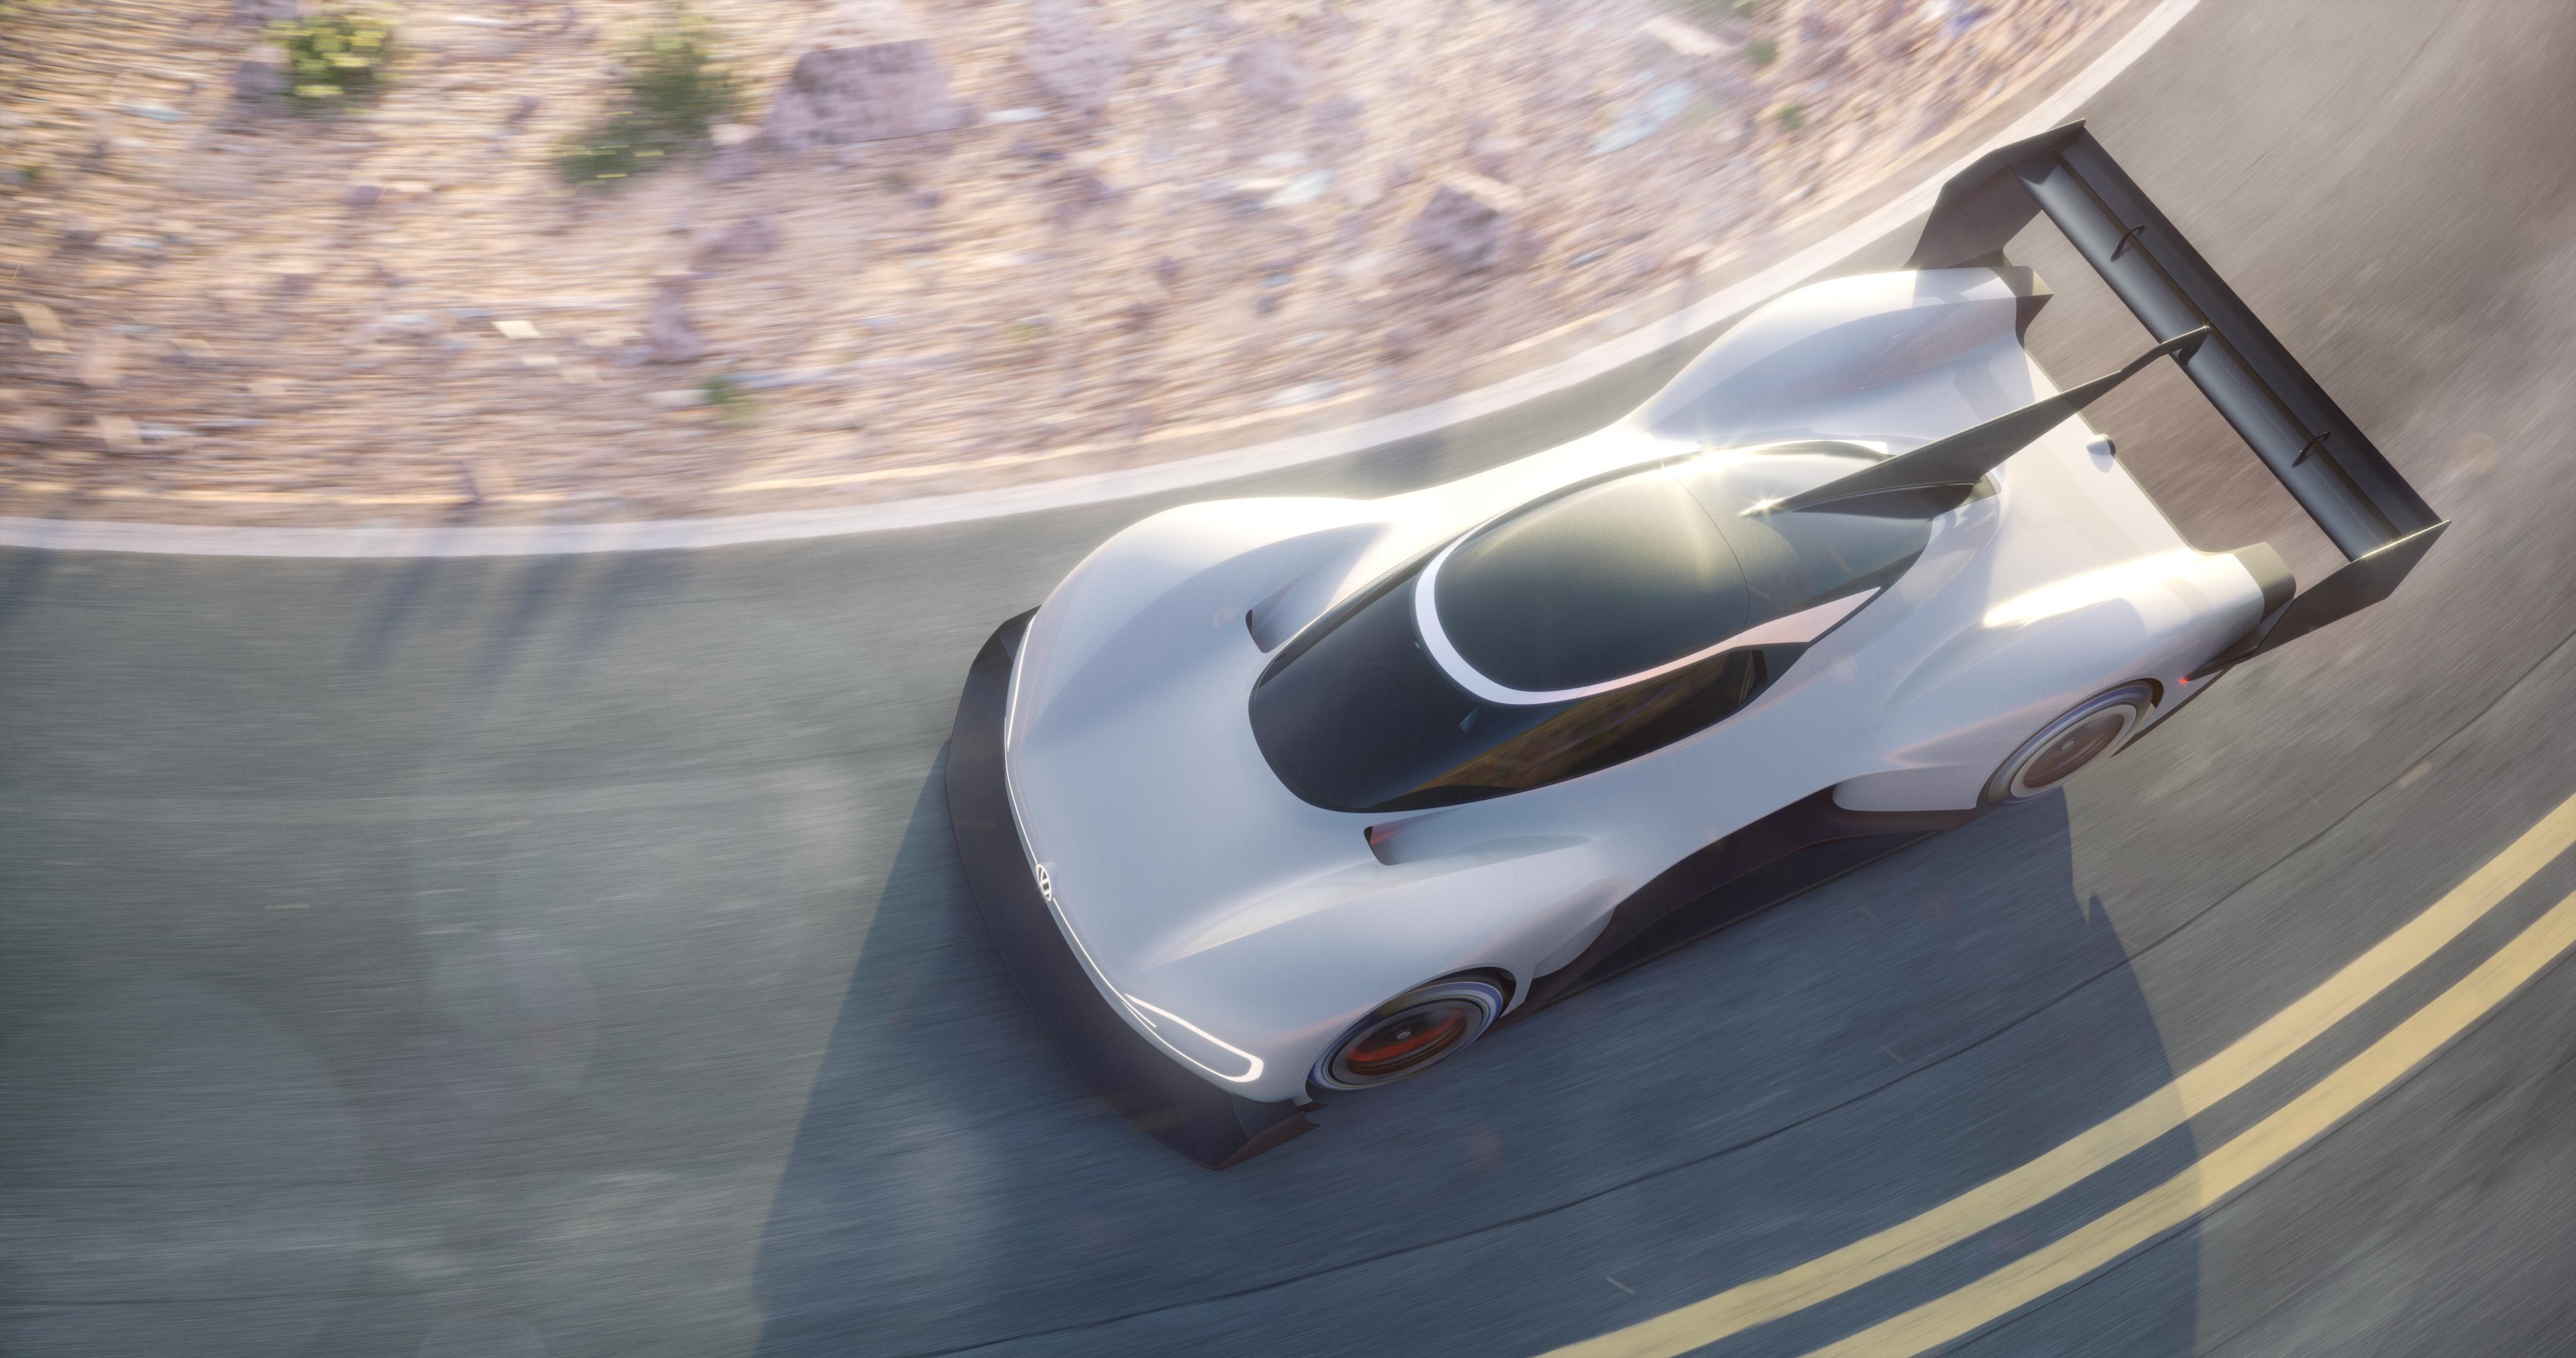 Volkswagen displays its futuristic I.D. at Pikes Peak